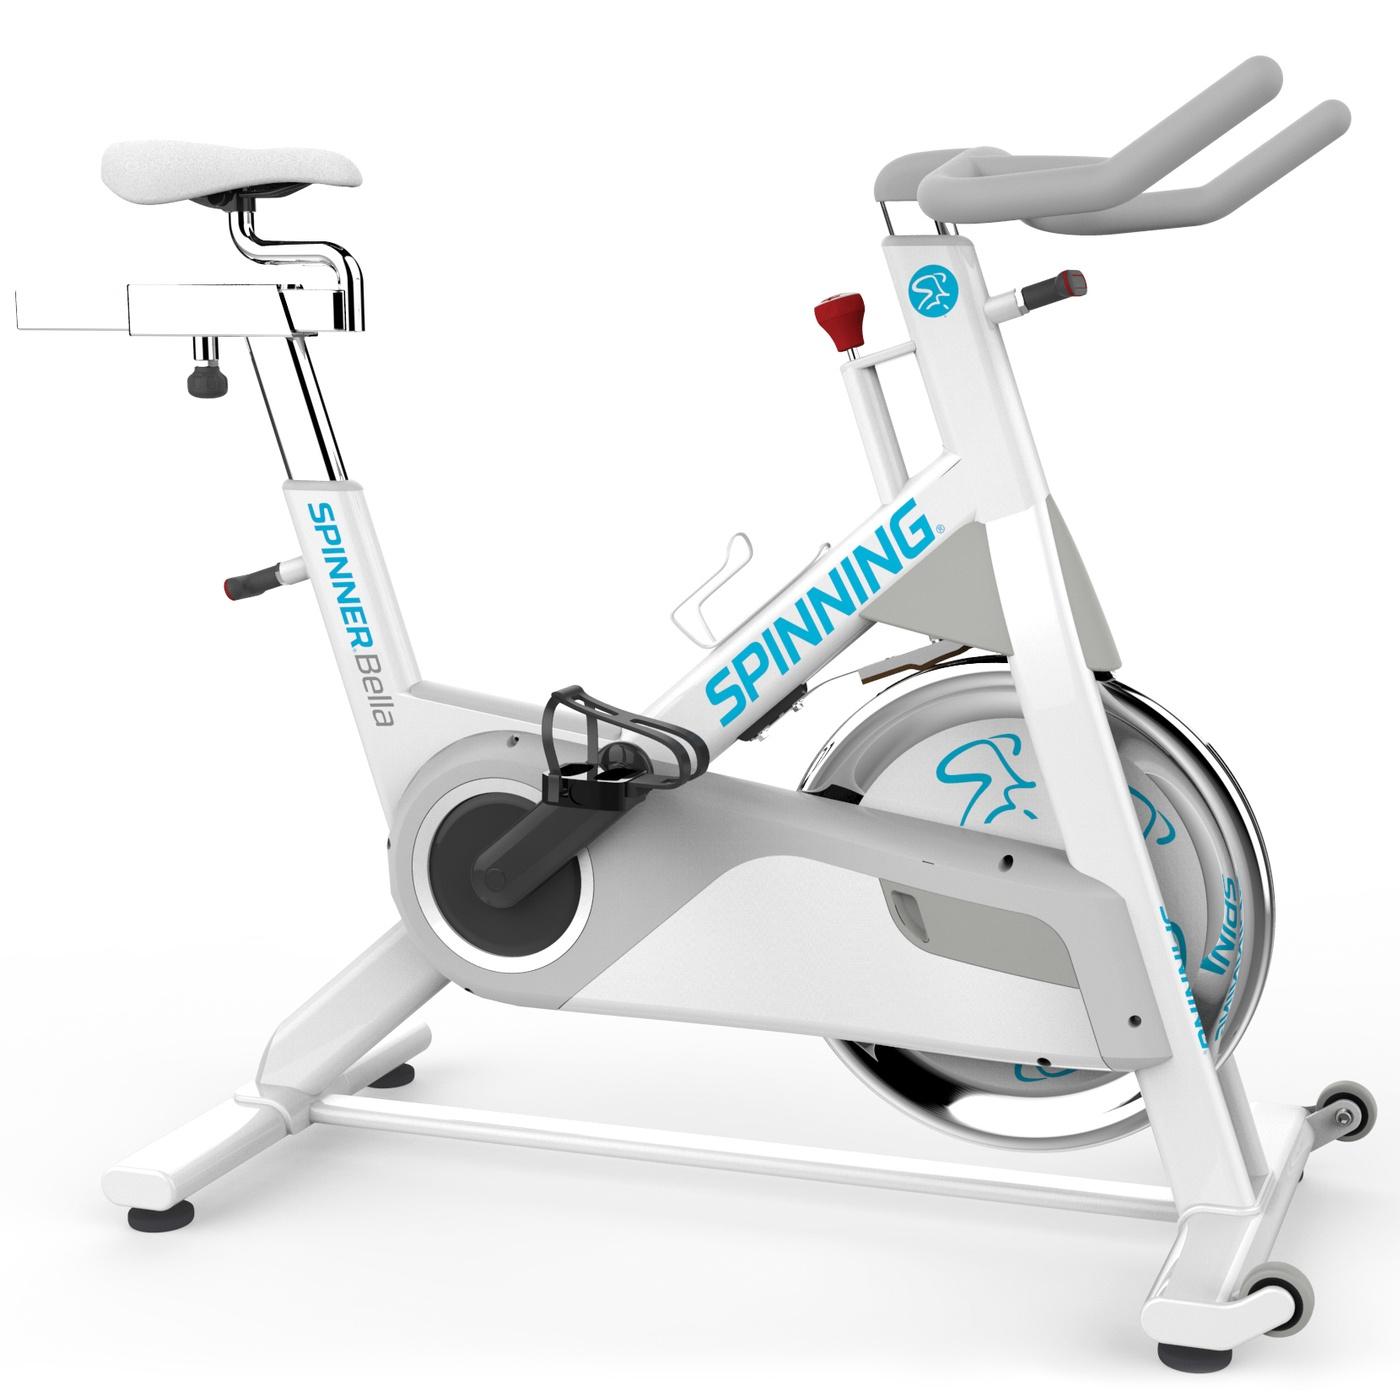 gebrauchte spinning bikes g nstig kaufen. Black Bedroom Furniture Sets. Home Design Ideas